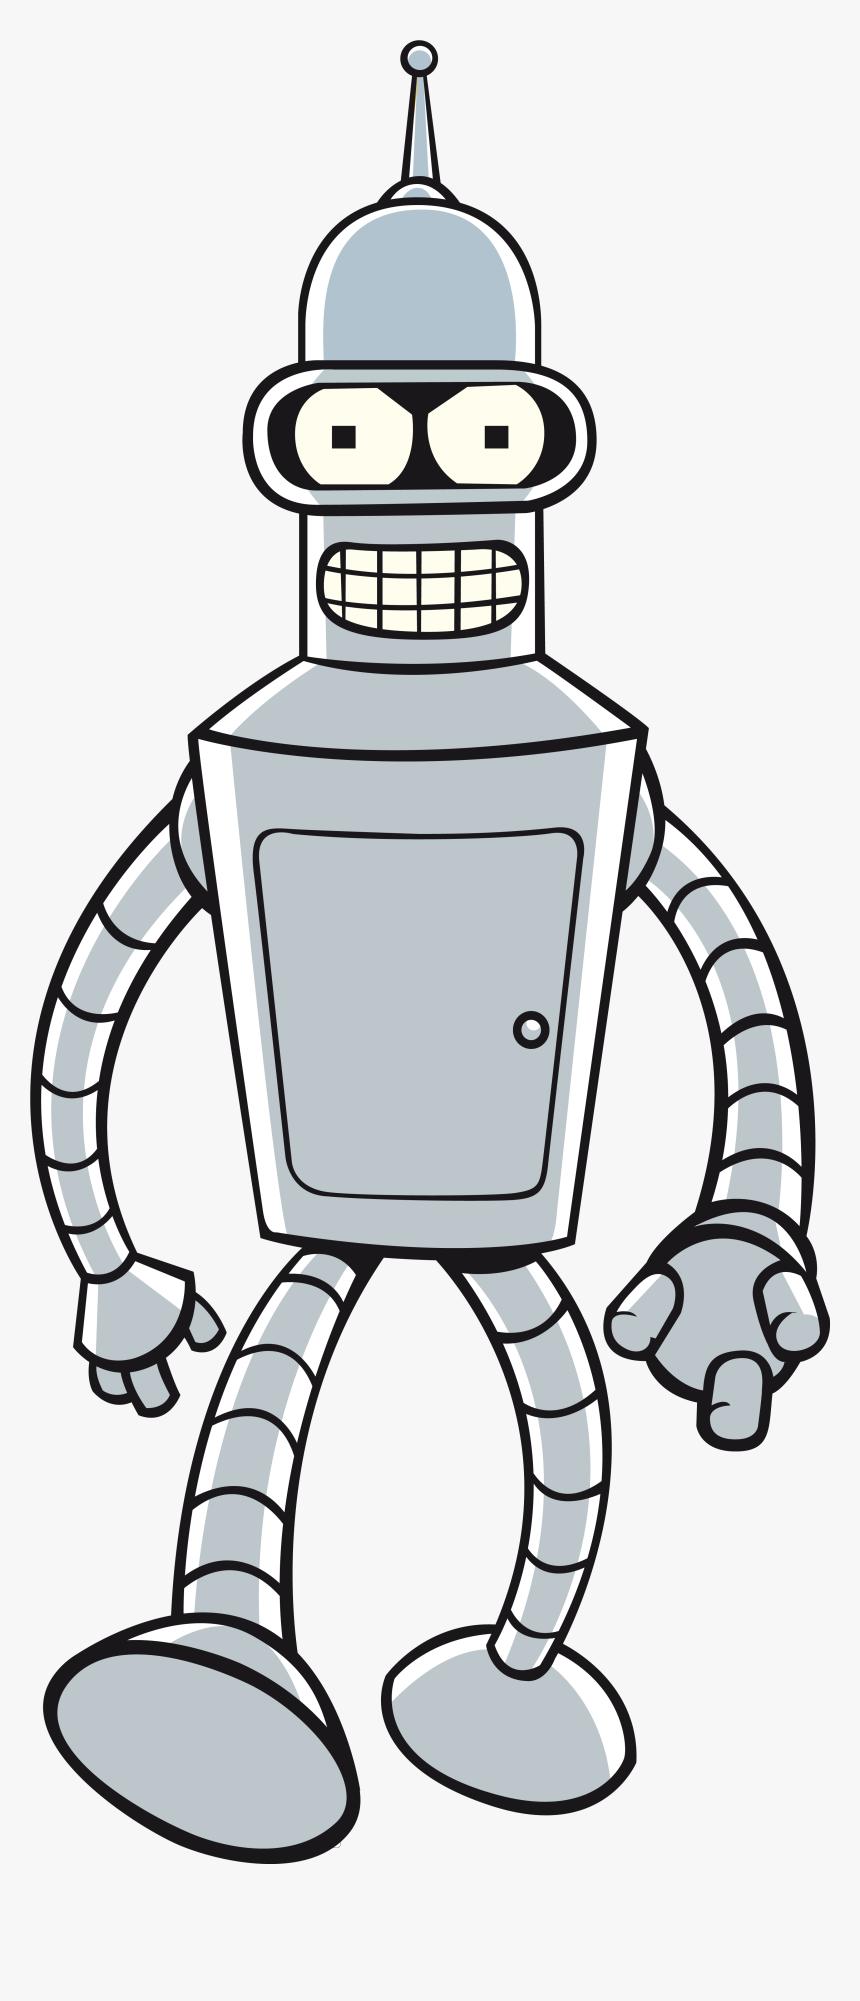 Futurama Bender Png Image - Bender Futurama, Transparent Png, Free Download